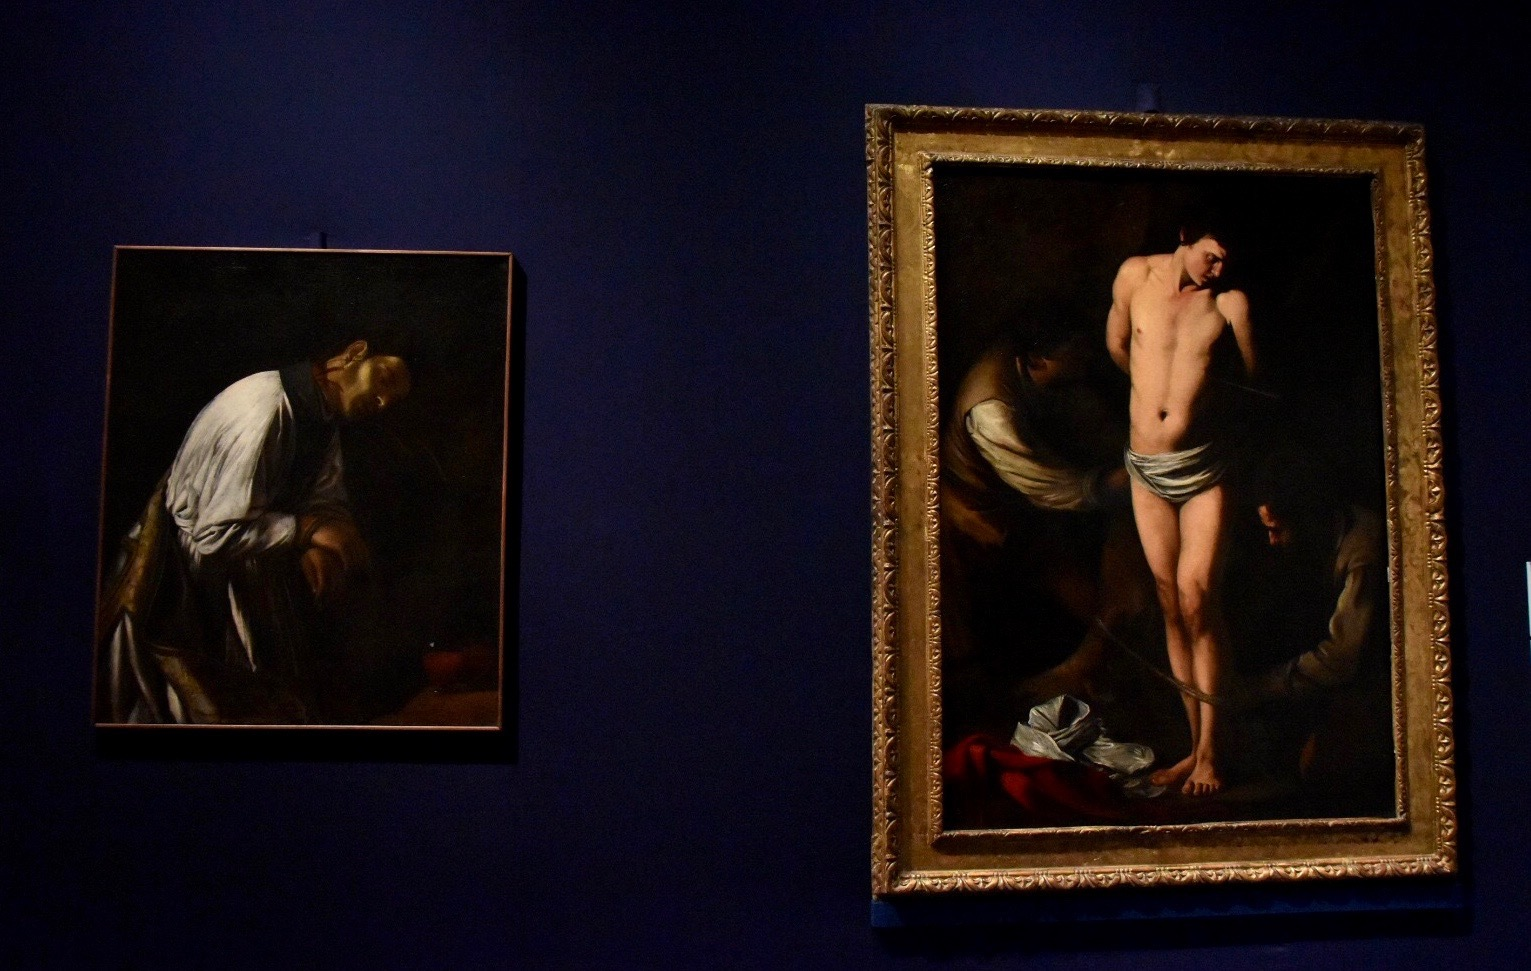 左:ミケランジェロ・メリージ・ダ・カラヴァッジョ《聖アガピトゥスの殉教》1606-09年頃(司教区博物館蔵)、右:同作者《聖セバスティアヌス》1606年(個人蔵)